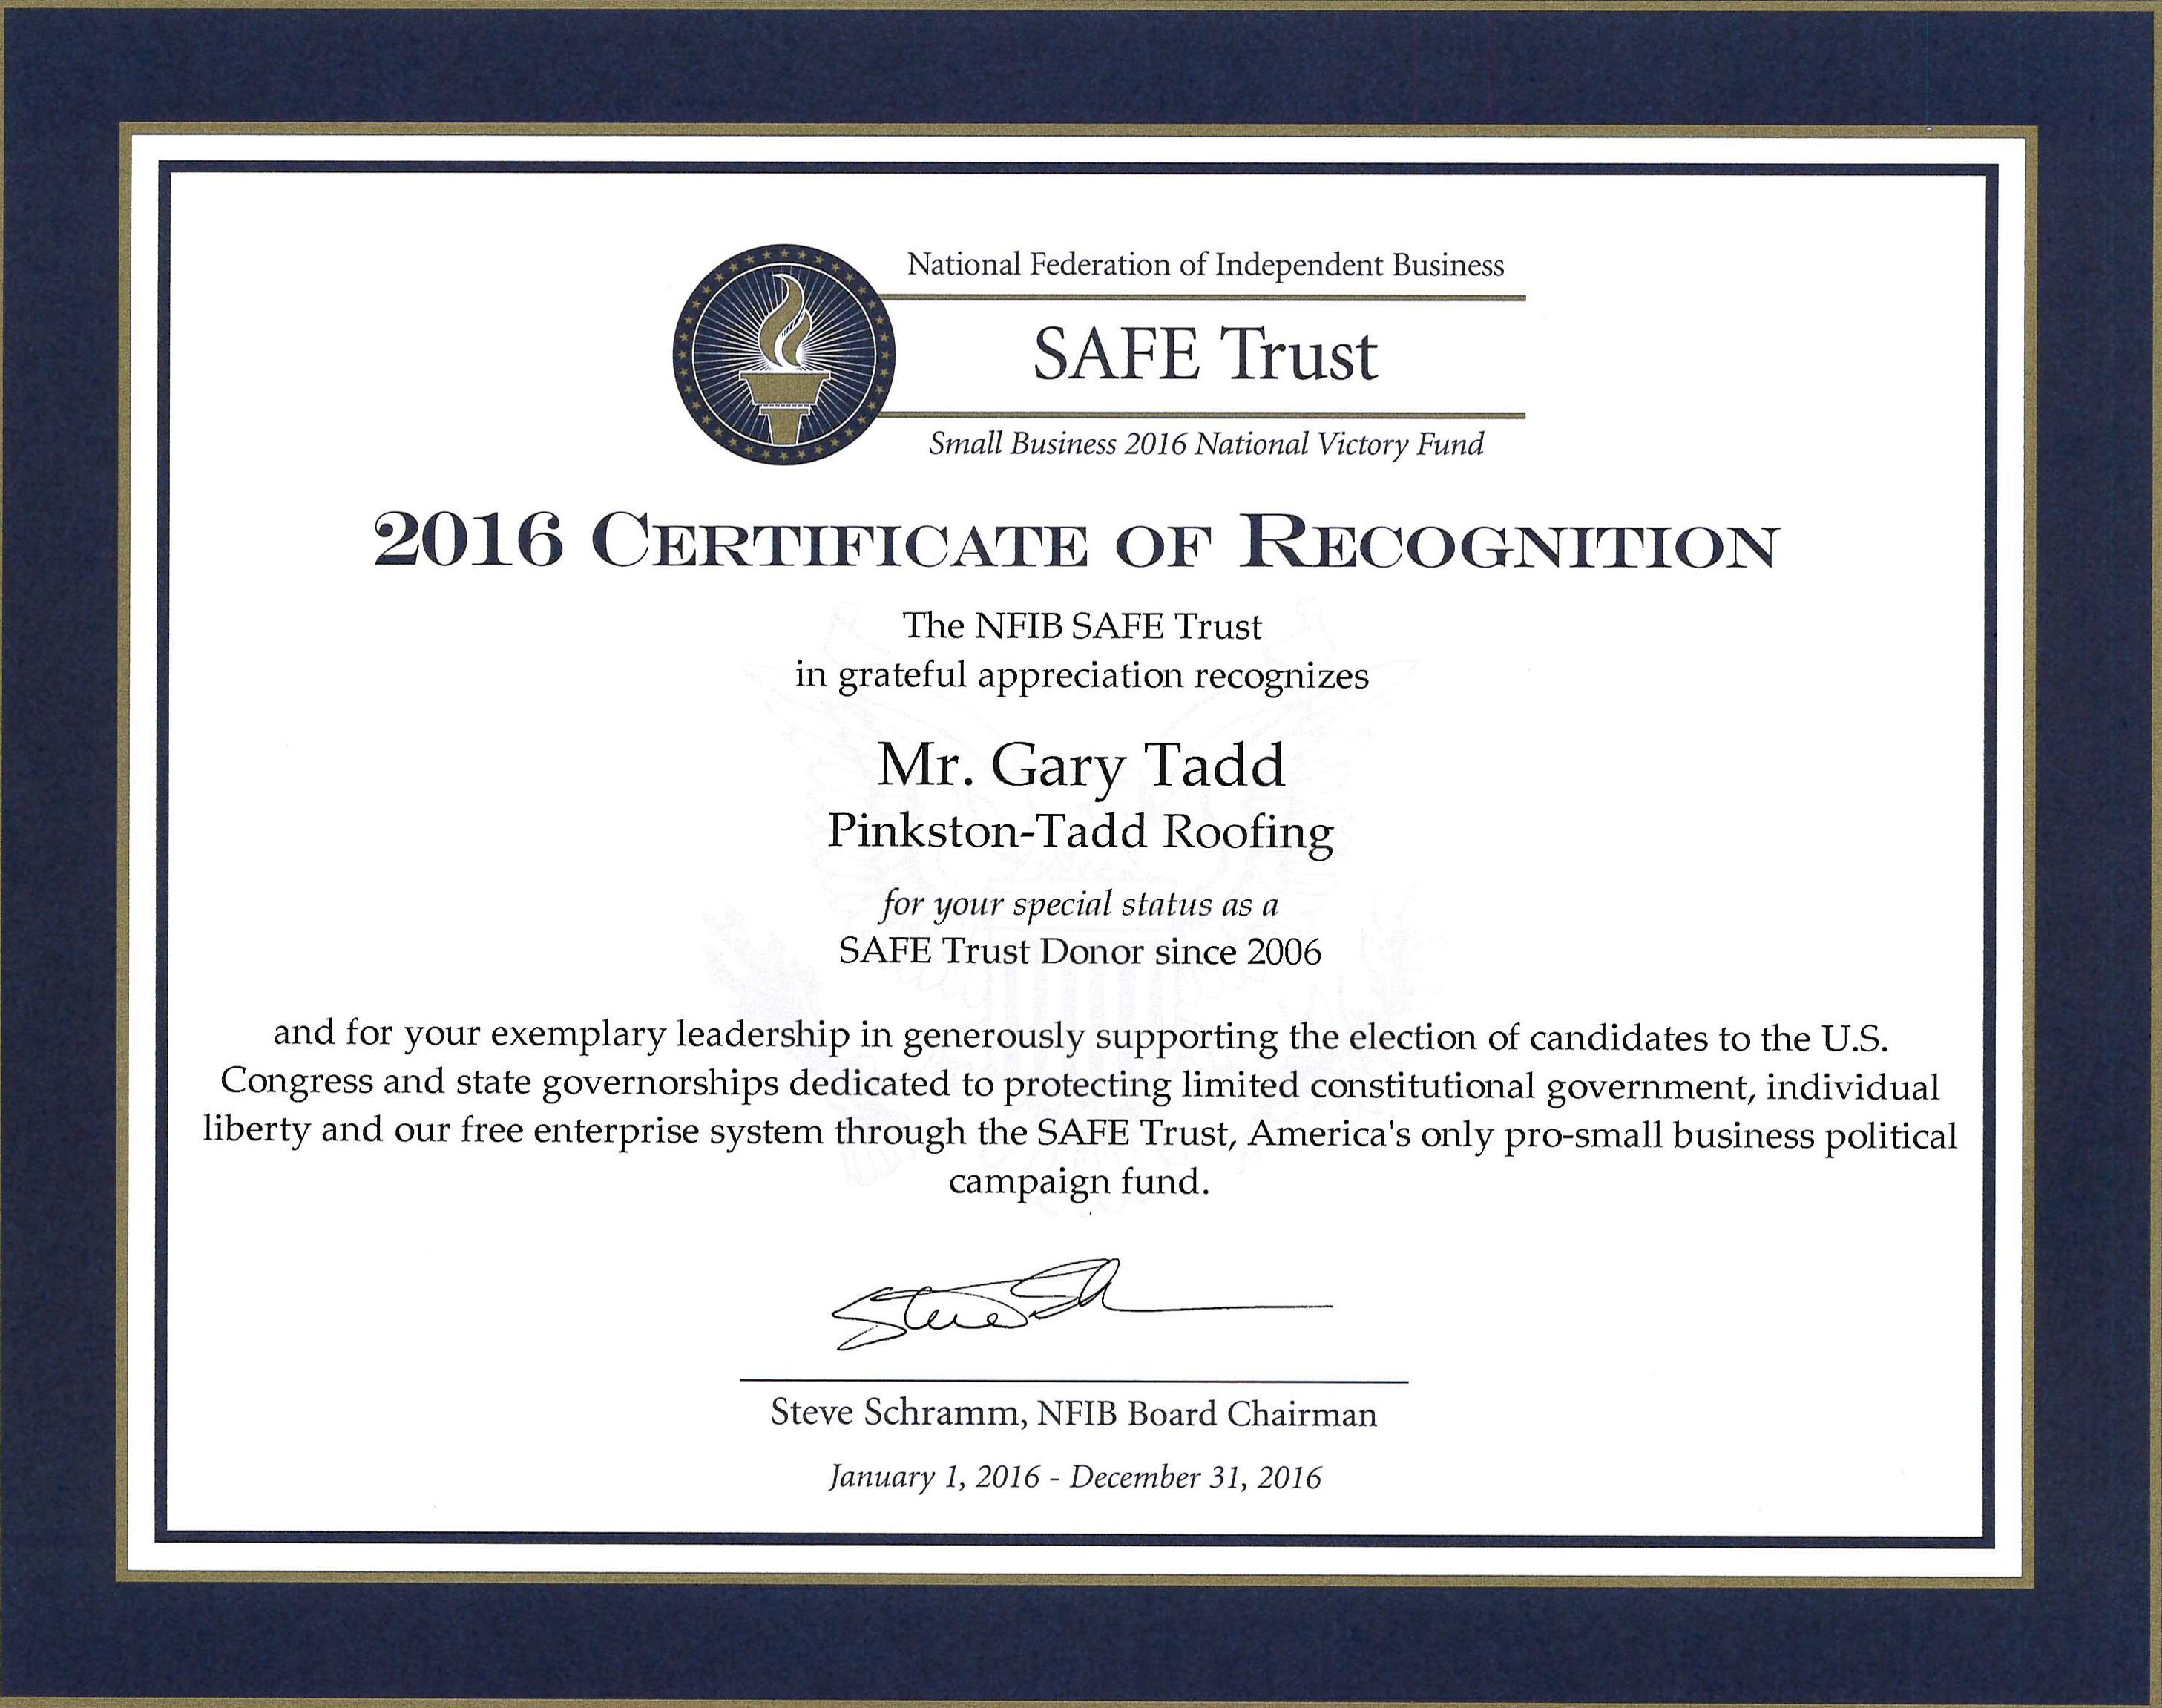 SAFE Trust